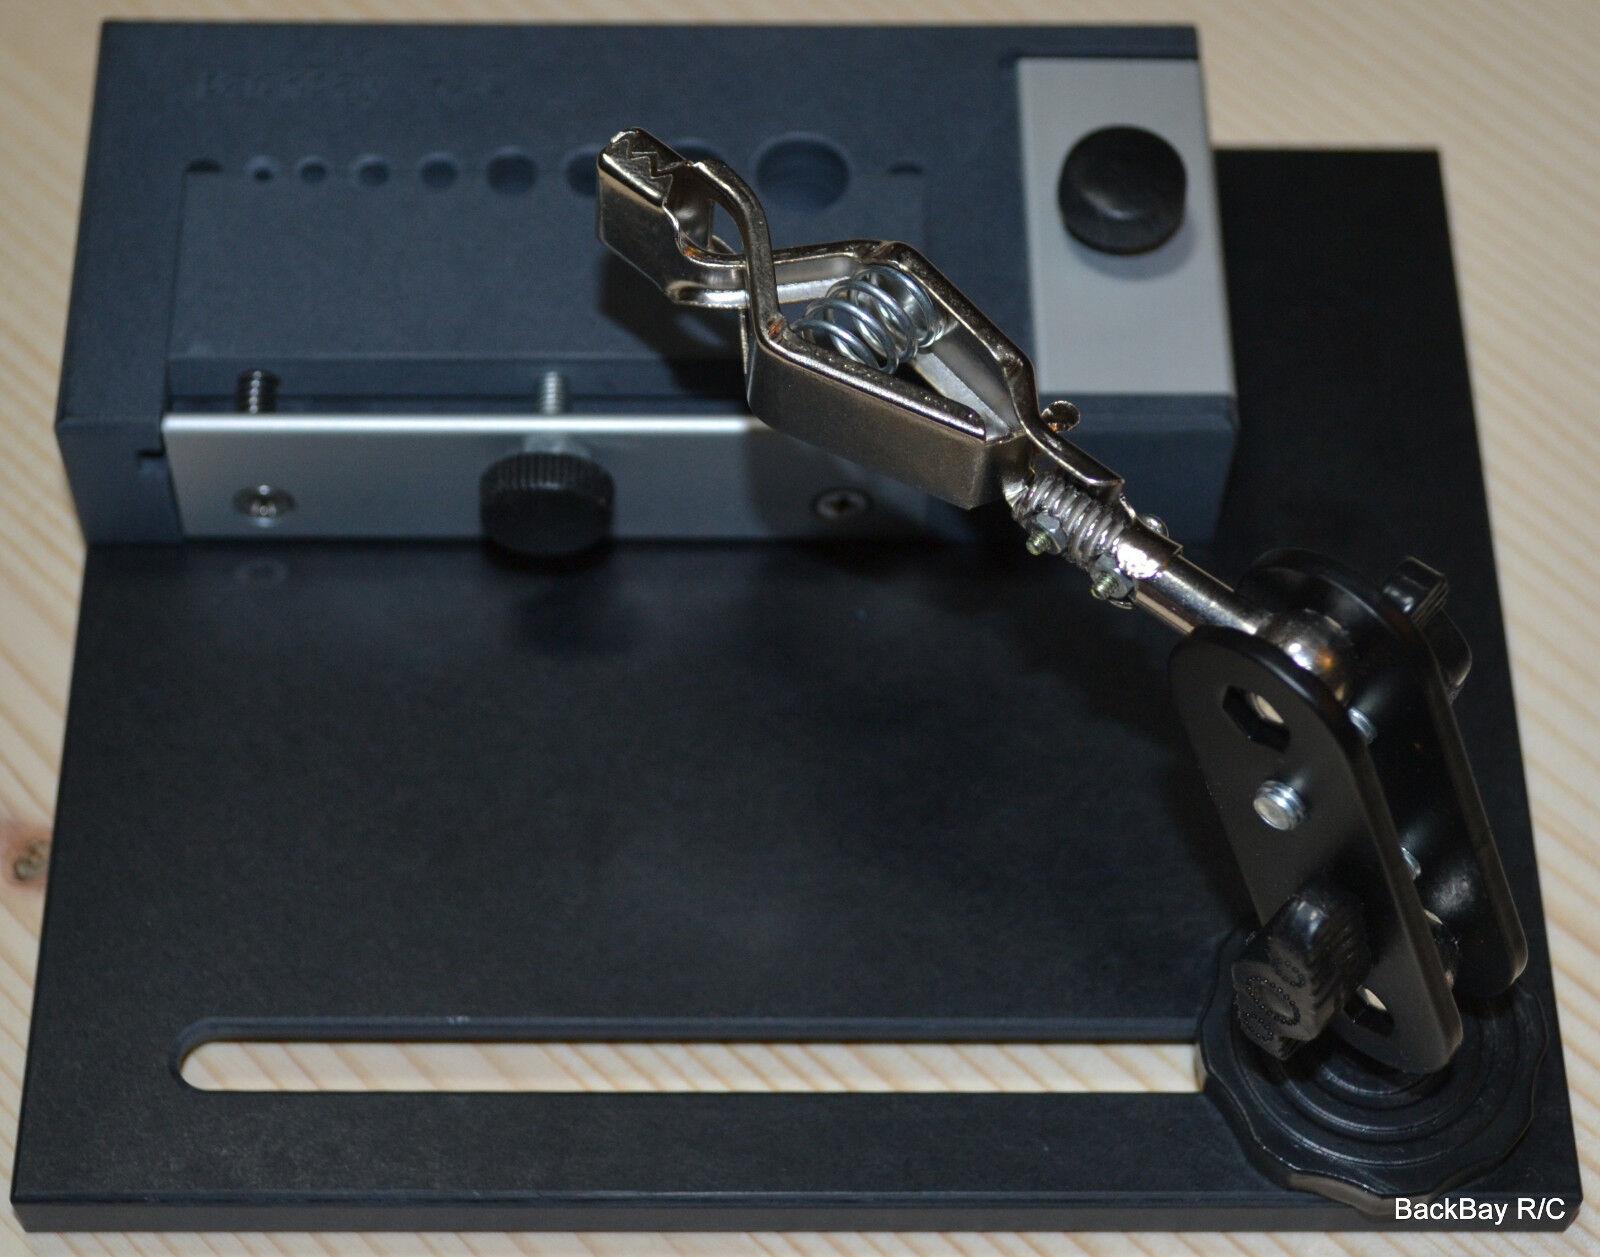 Montajes de soldadura de retroalimentación y Trix, ec5, EC3, xt60, Deans, hxt 2 mm, 4 mm, 10 mm